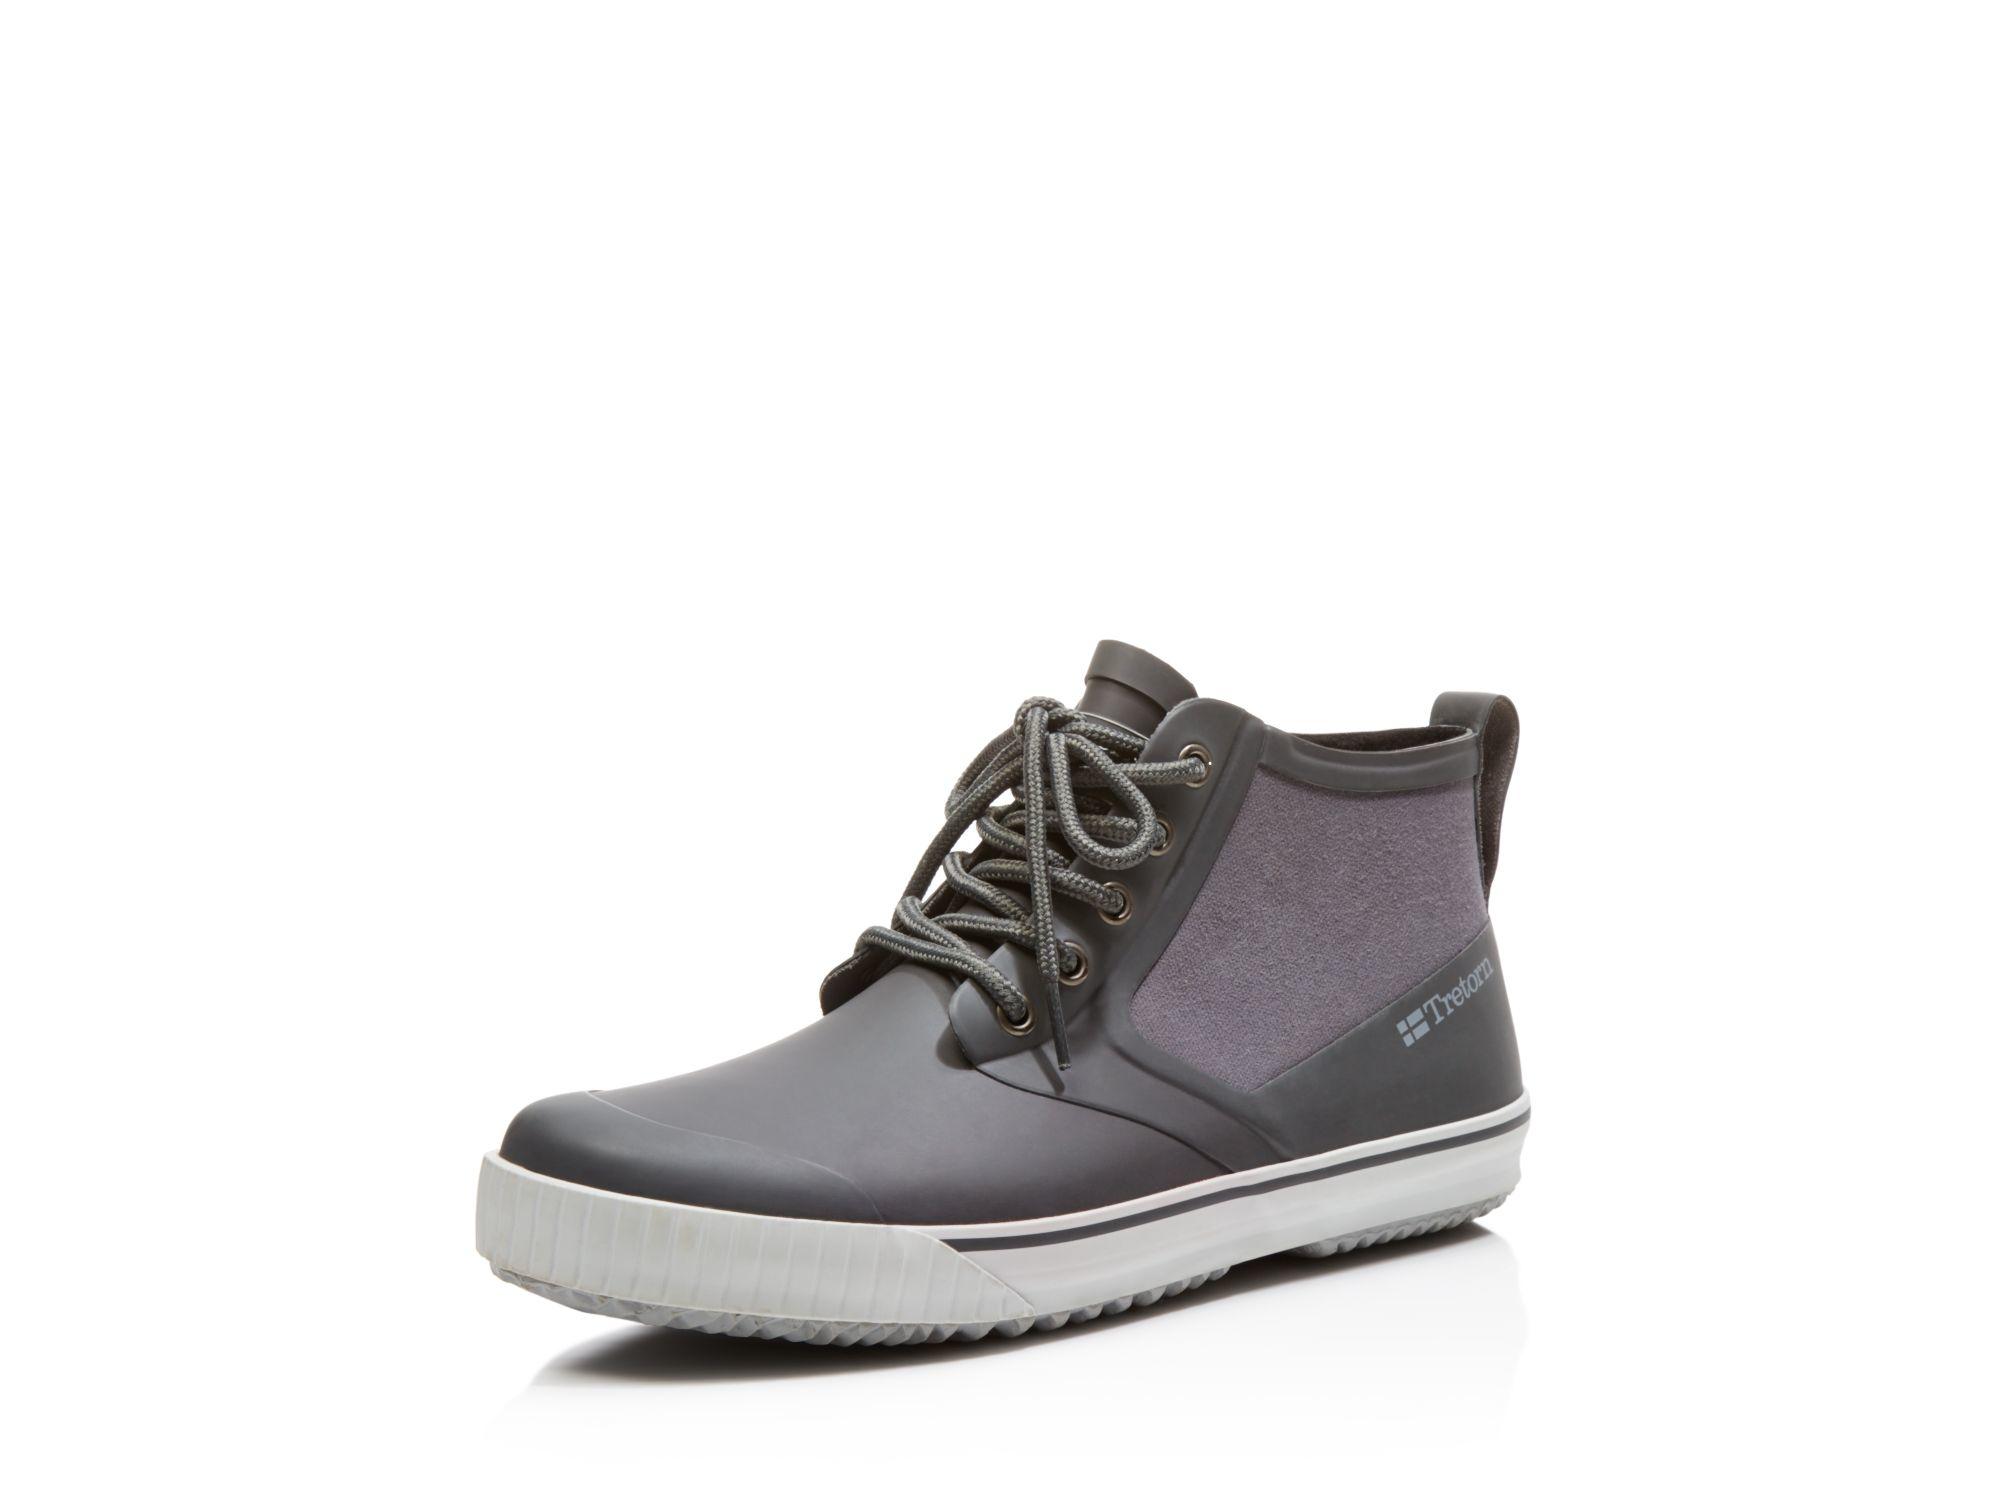 f096b2884 Tretorn New Gunnar Waterproof Boots in Metallic for Men - Lyst